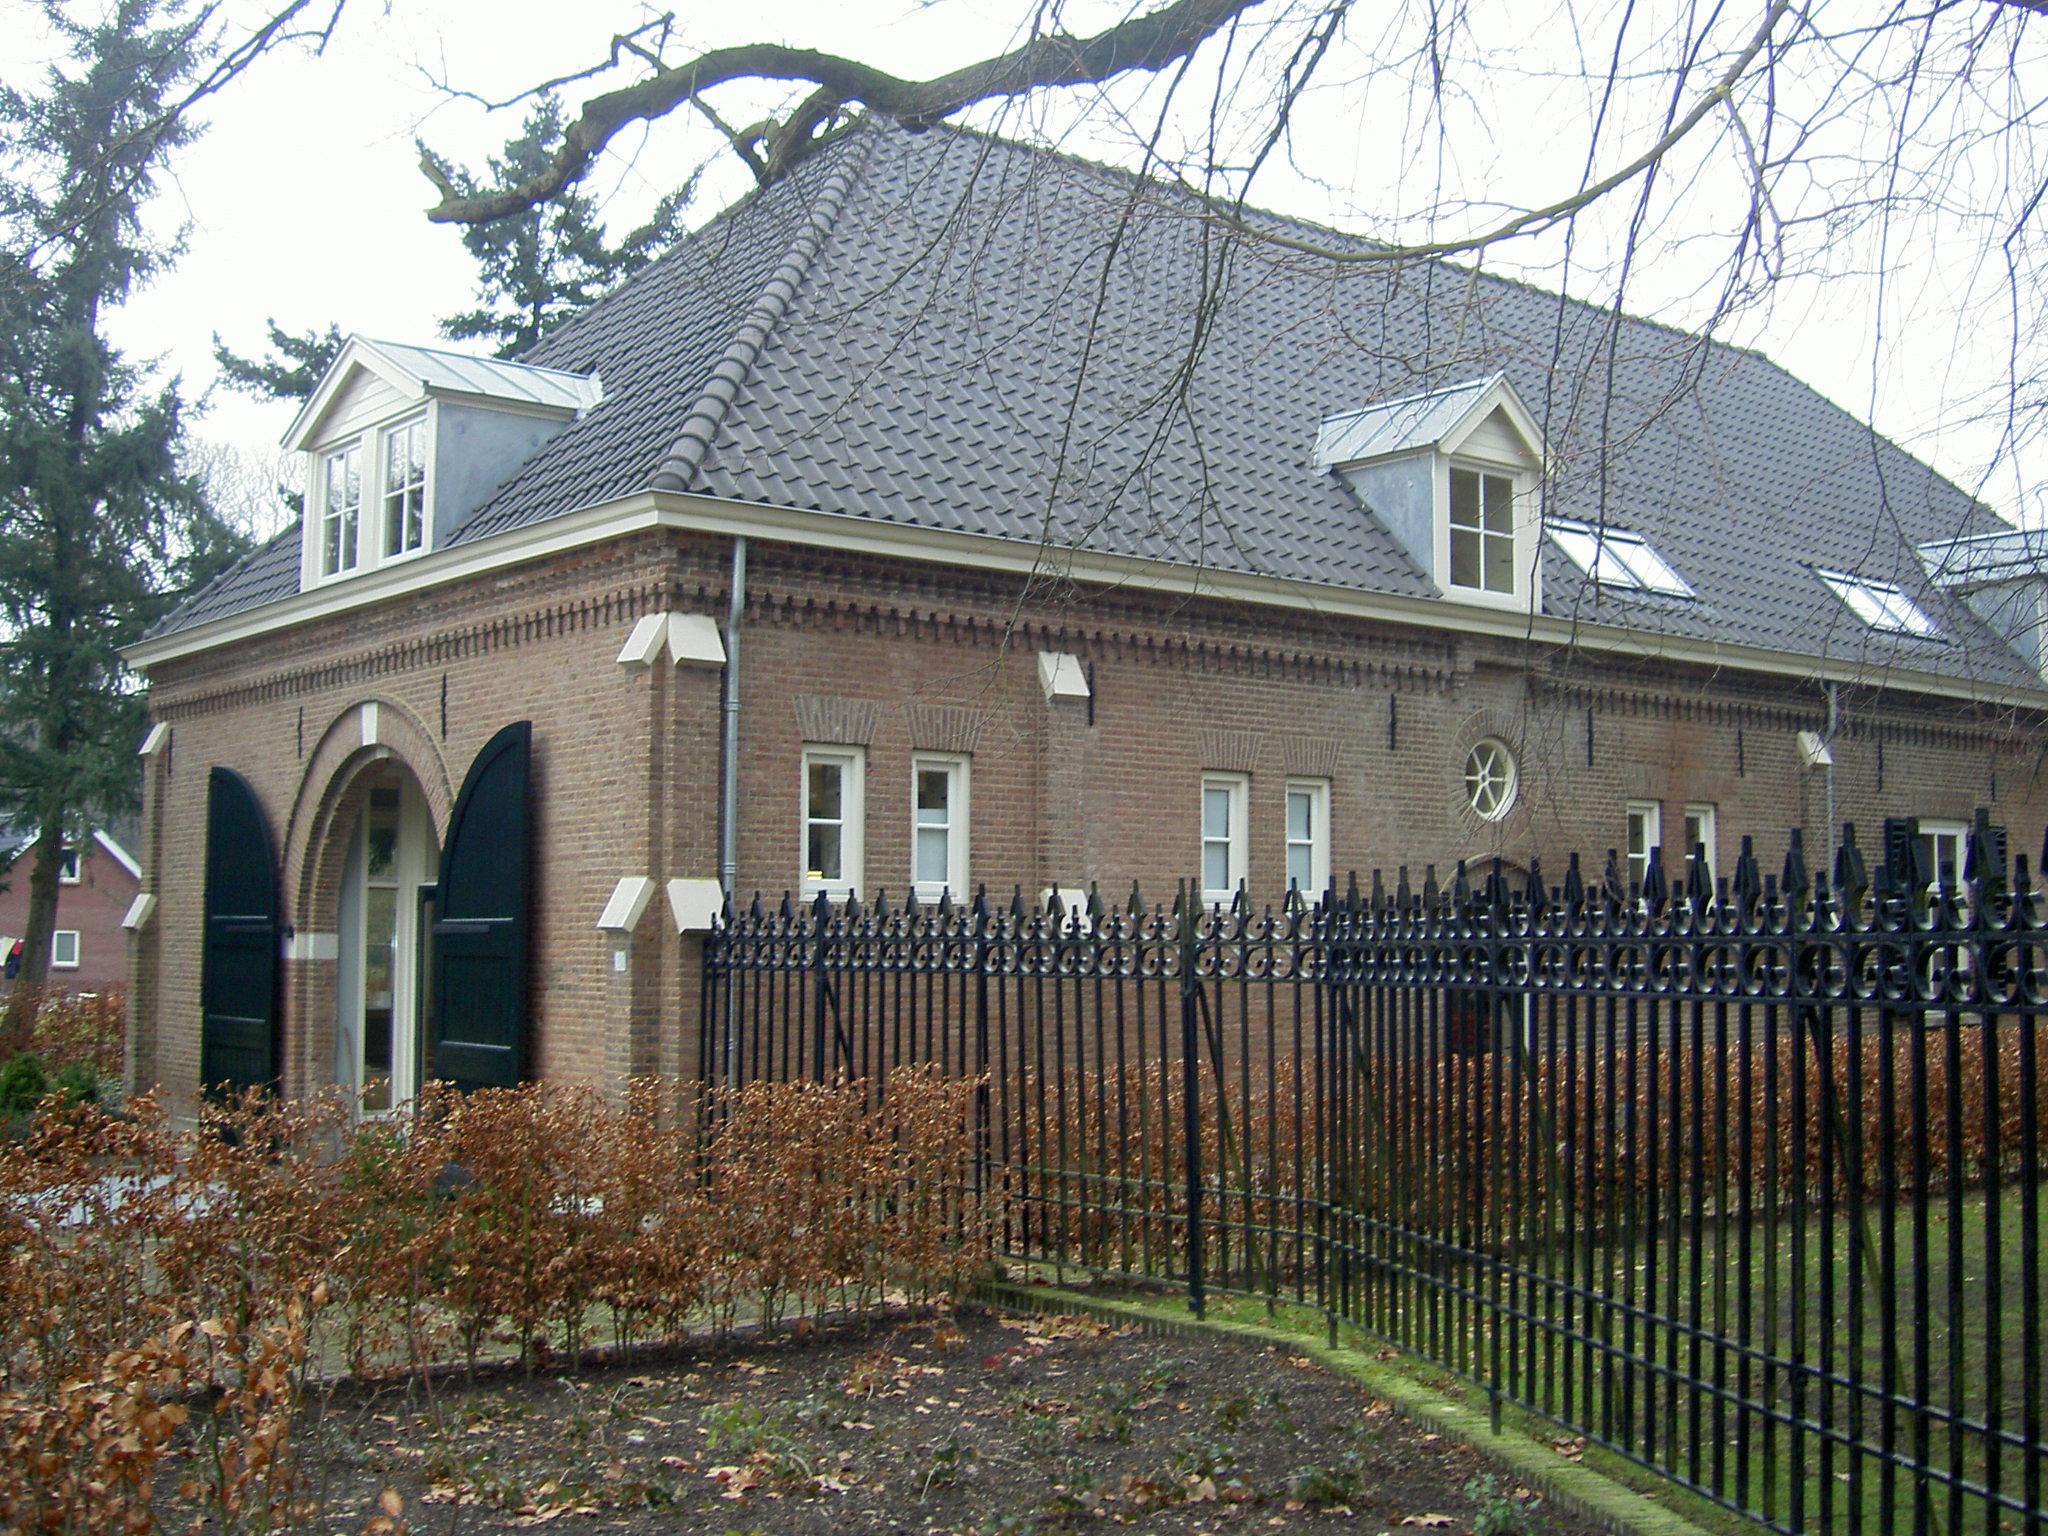 Koetshuis De Wientjesvoort.